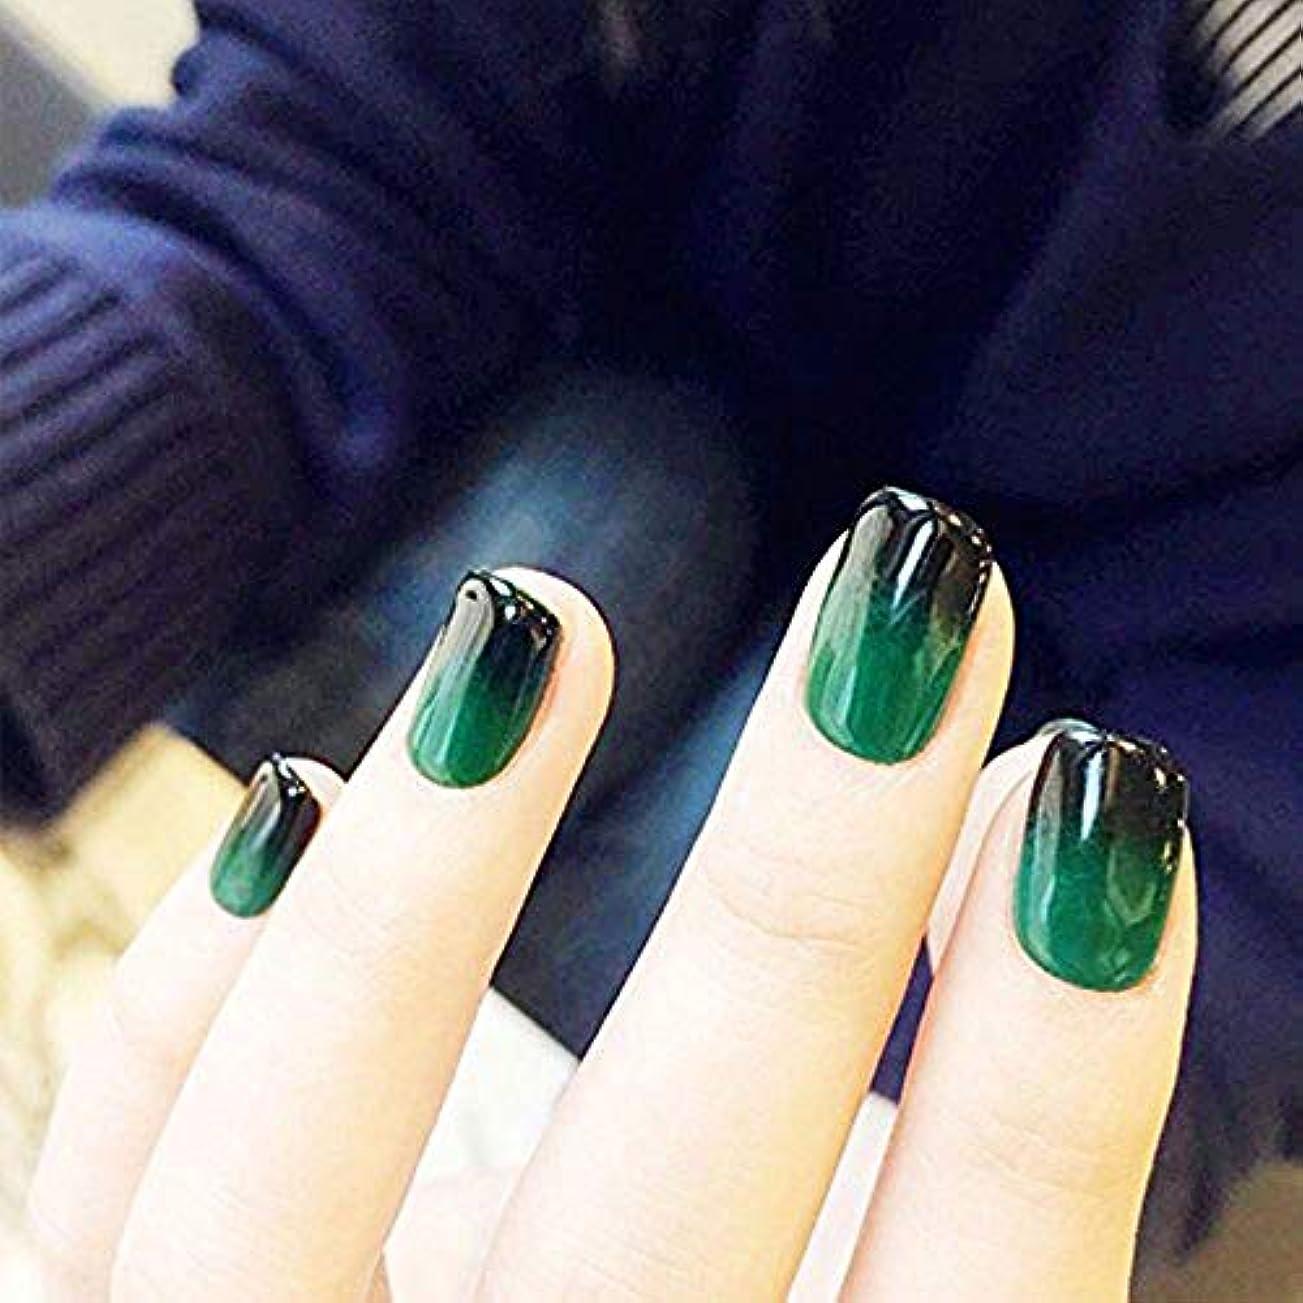 平方シリングケージYuNail ネイルチップ 24枚  12別サイズ 手作りネイルチップ グラデーション 深緑 ショート、ネイルアート